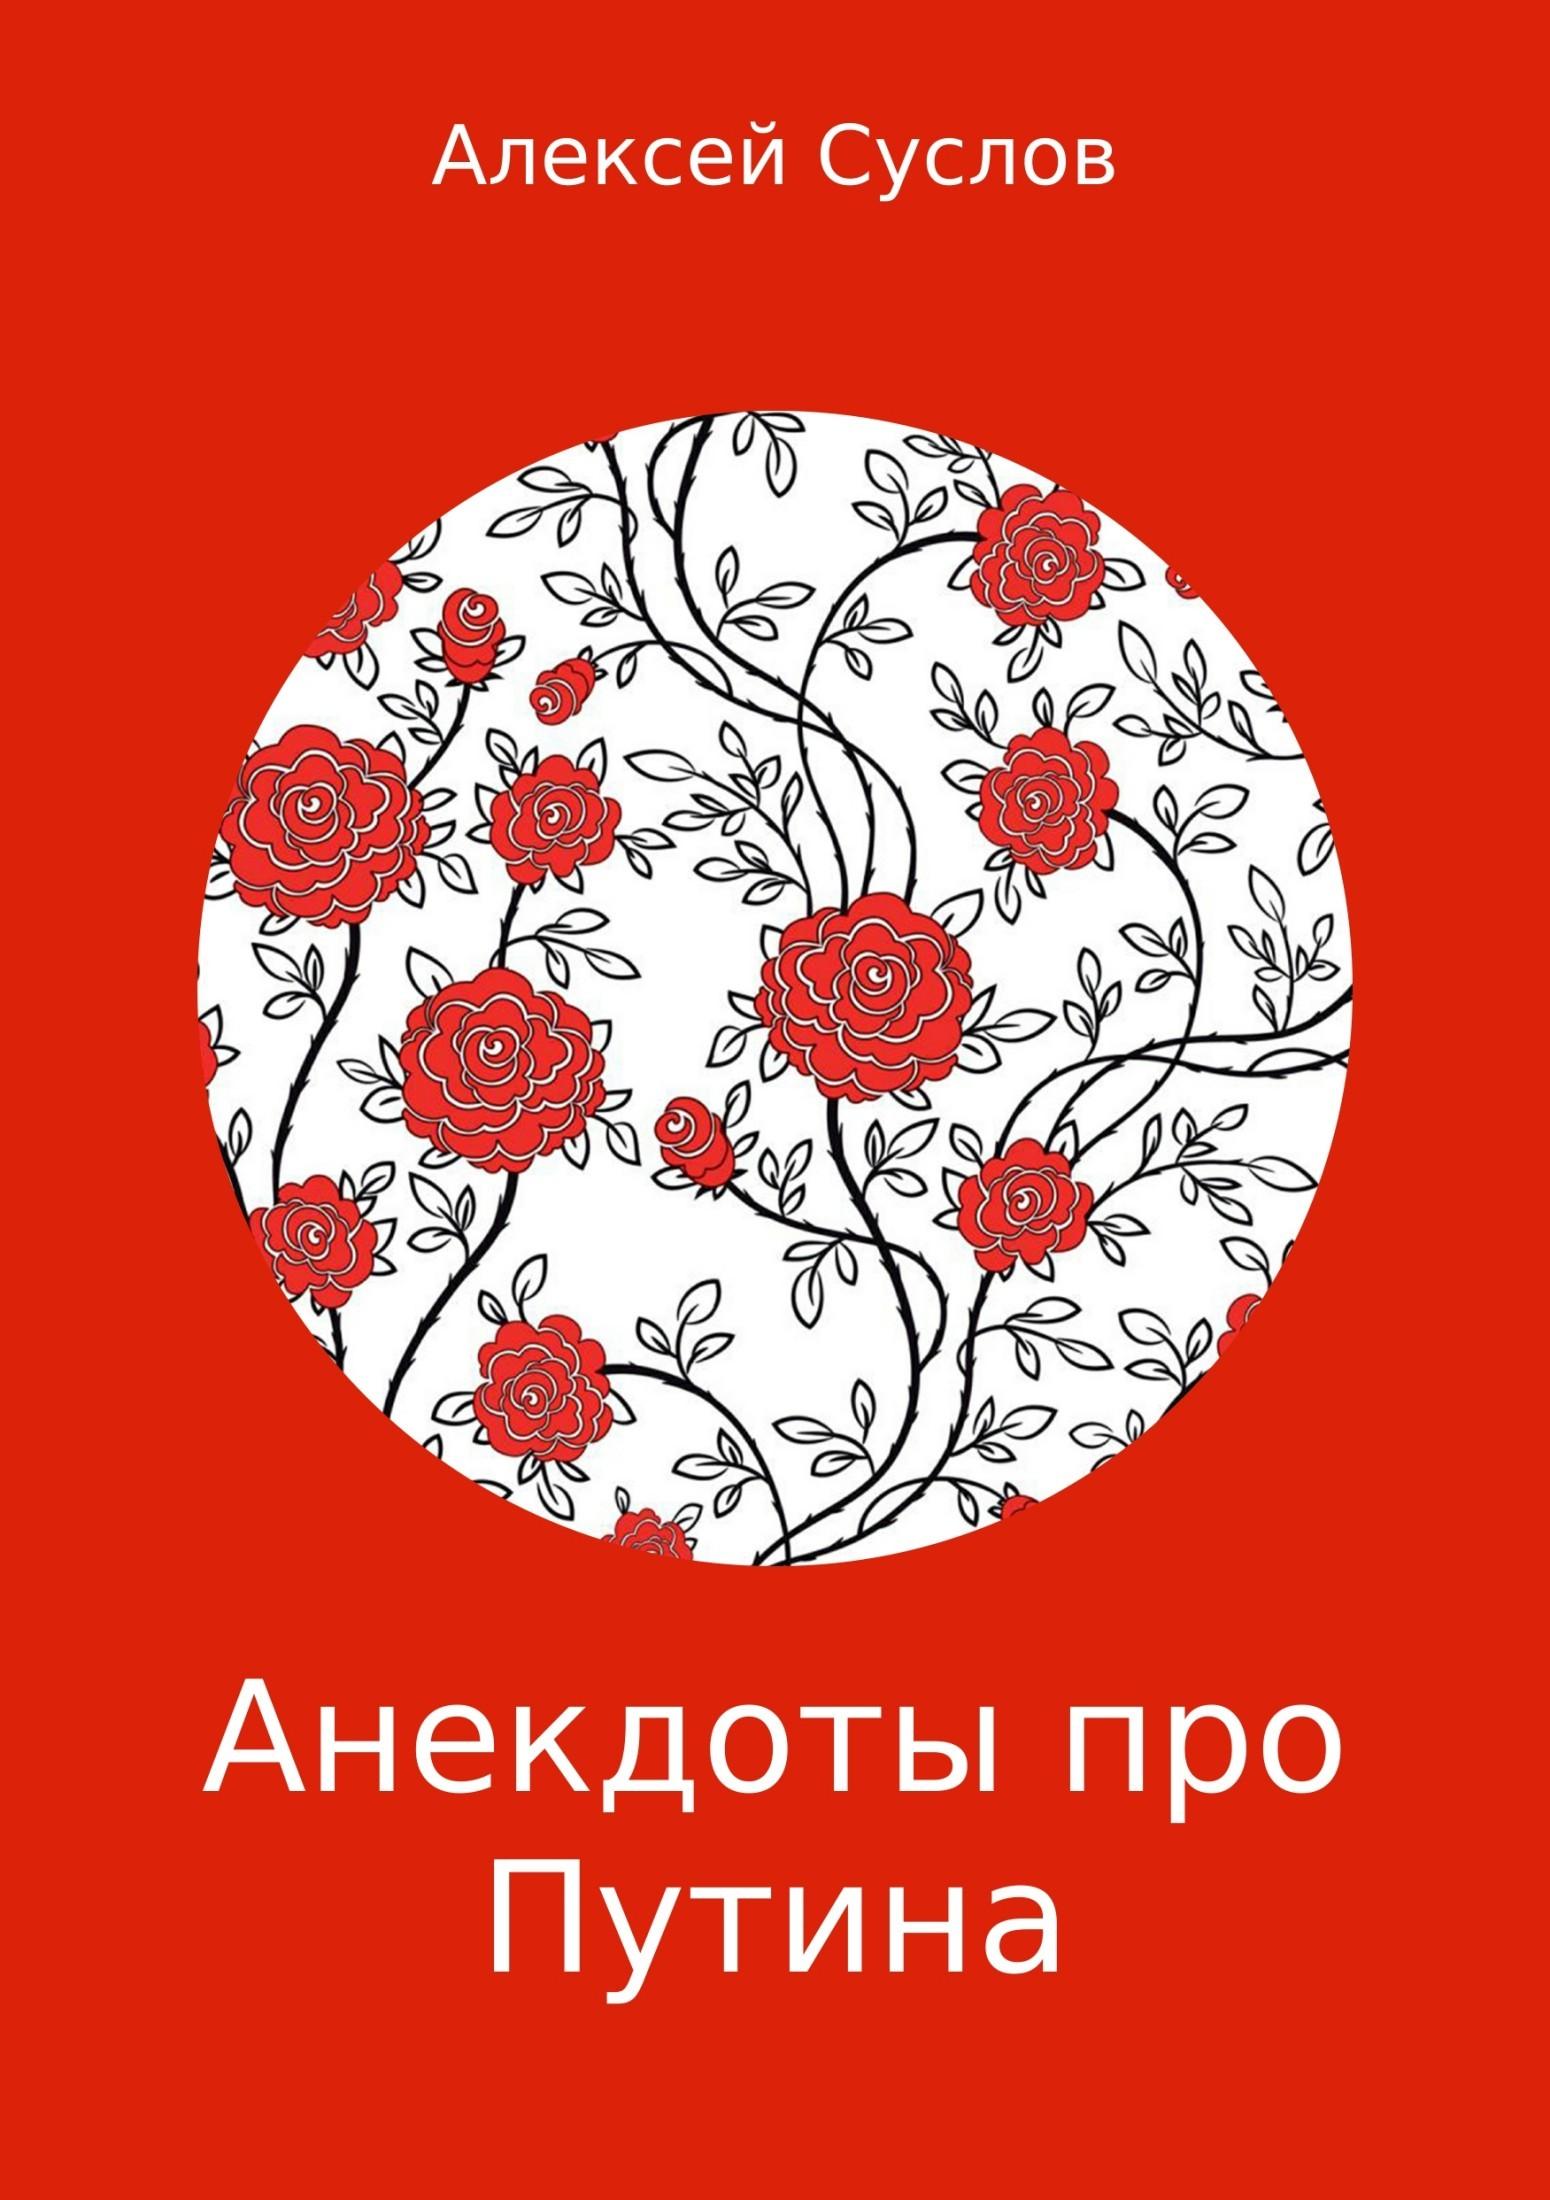 Алексей Суслов Анекдоты про Путина ольга степнова в моей смерти винить президента сборник